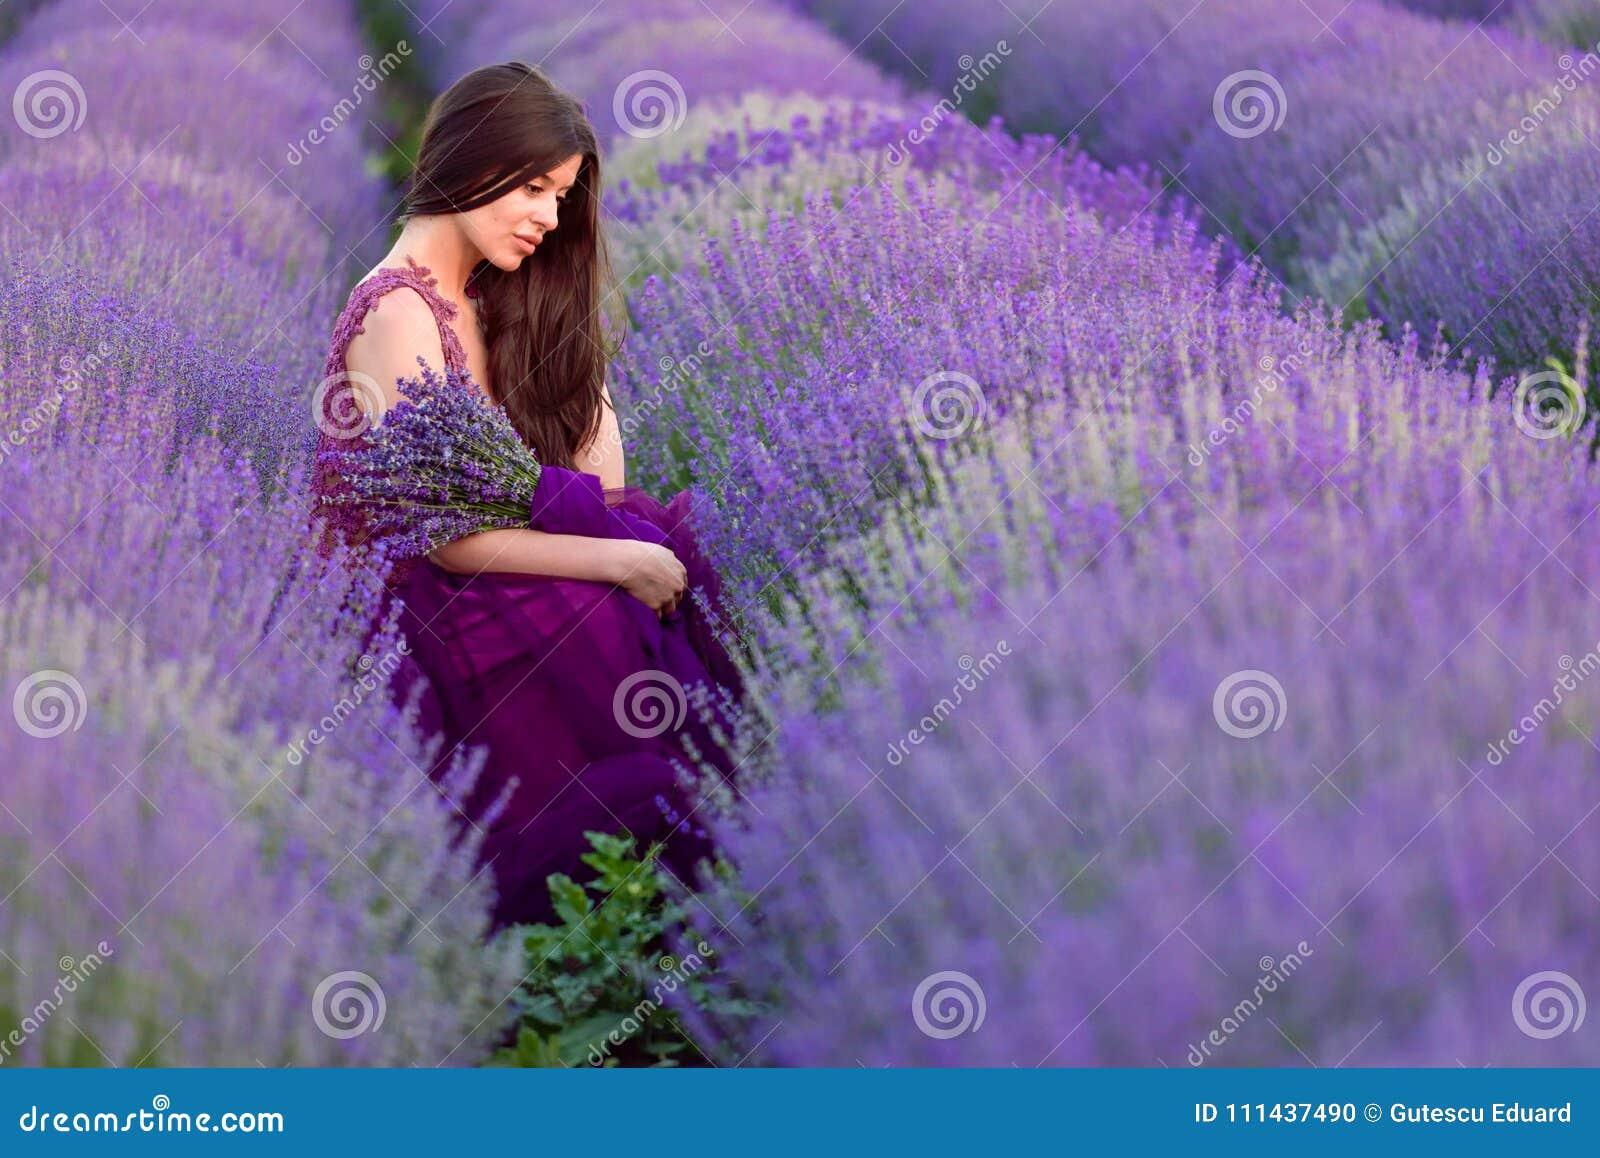 La jeune belle femme en lavande met en place avec une humeur romantique